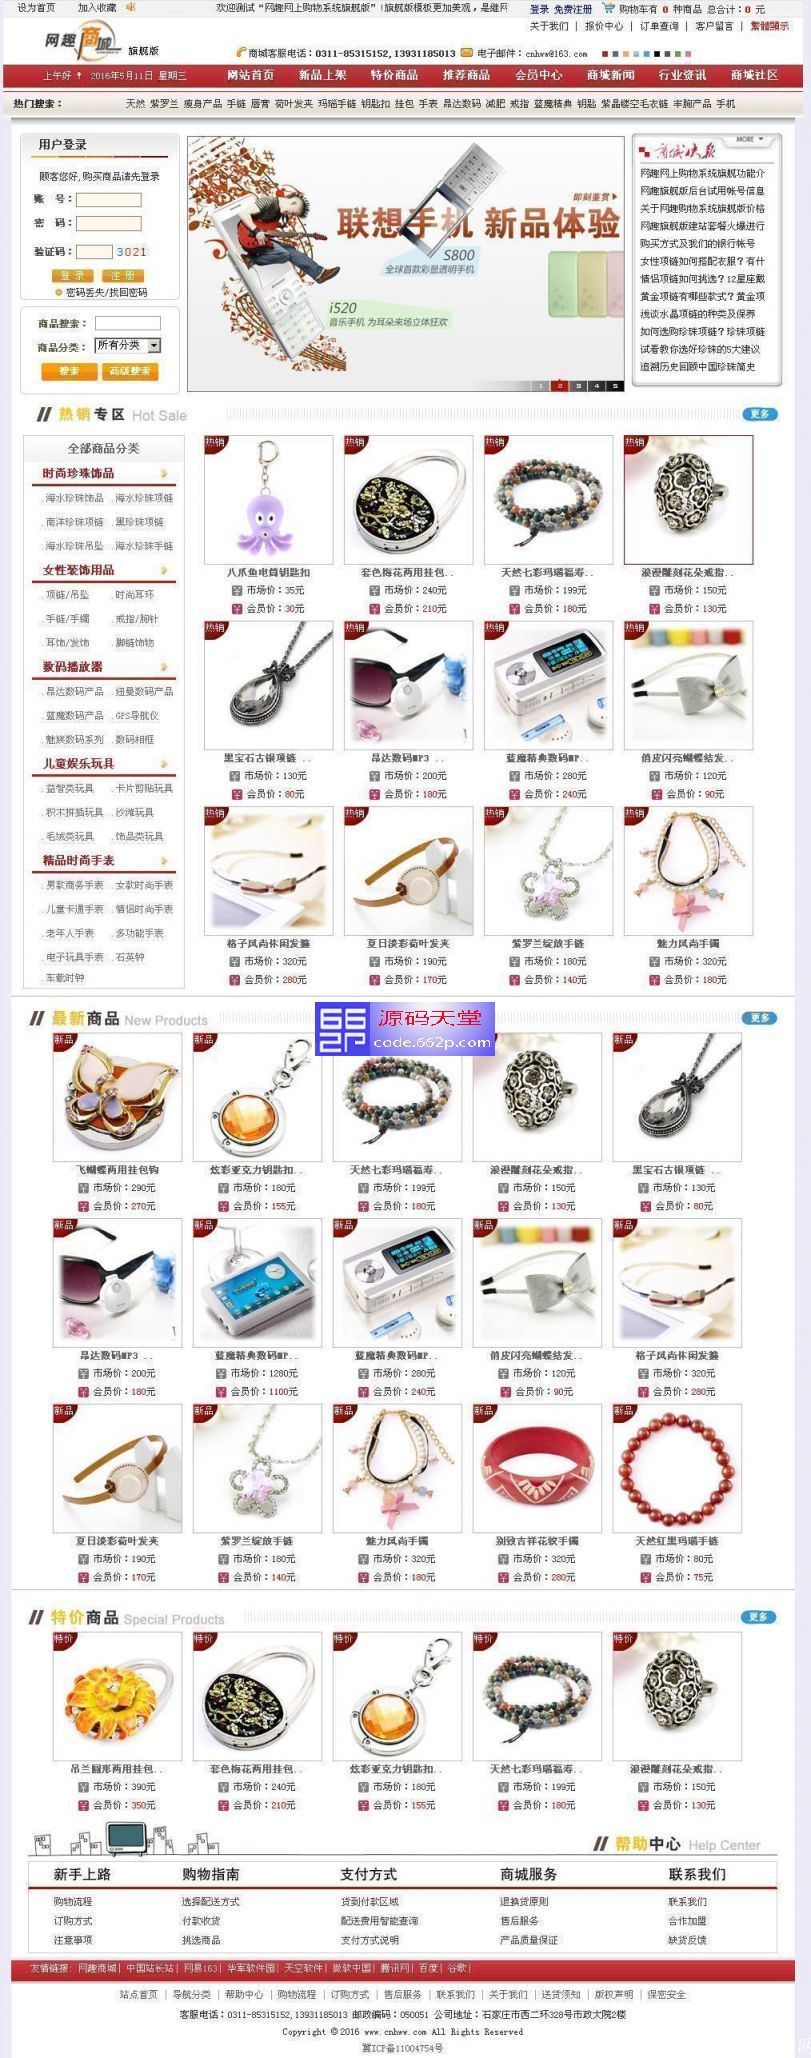 网趣网上购物系统旗舰版